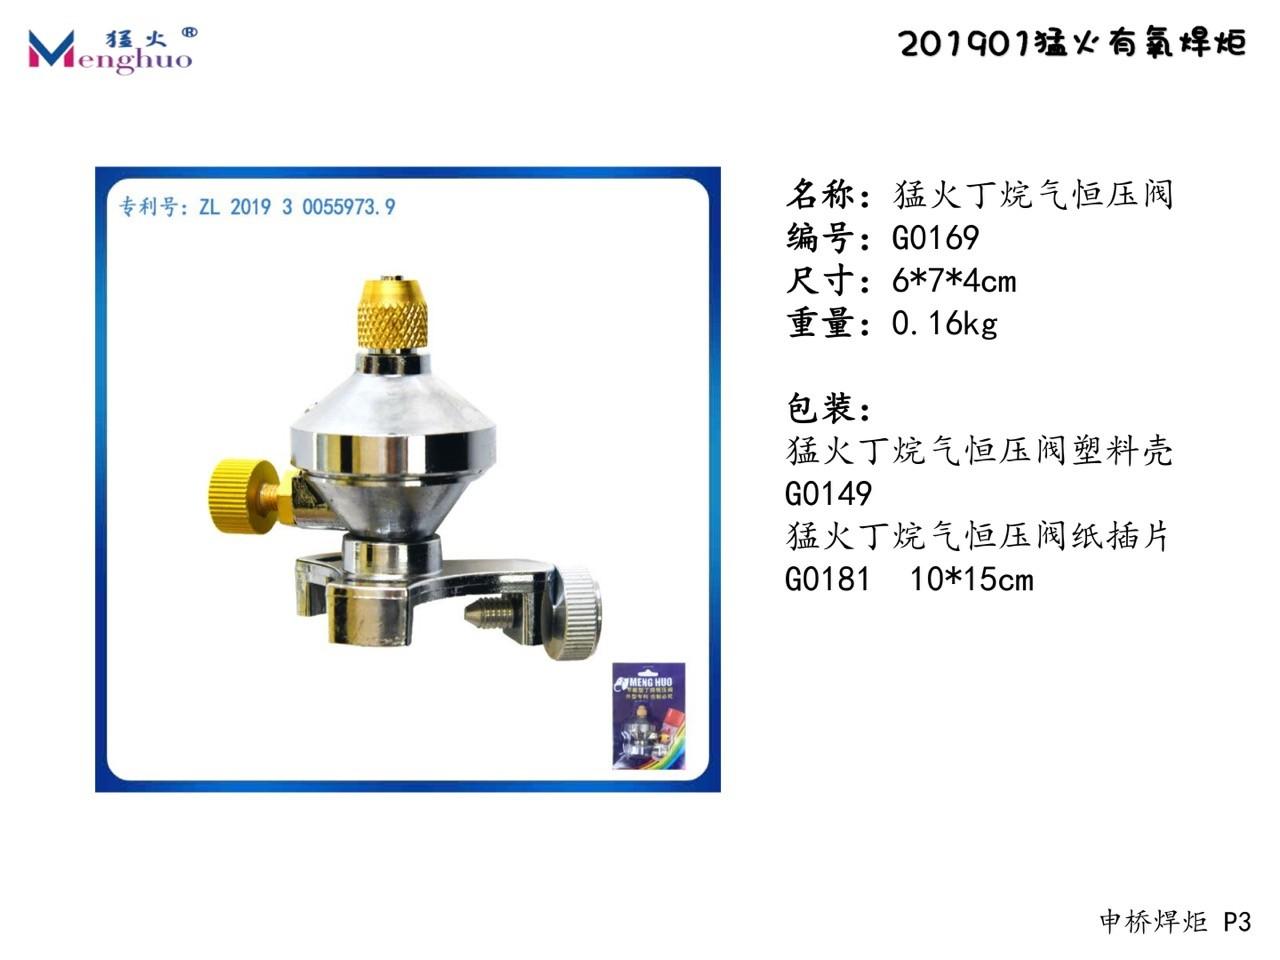 【申桥出品】G0178 猛火单用焊炬